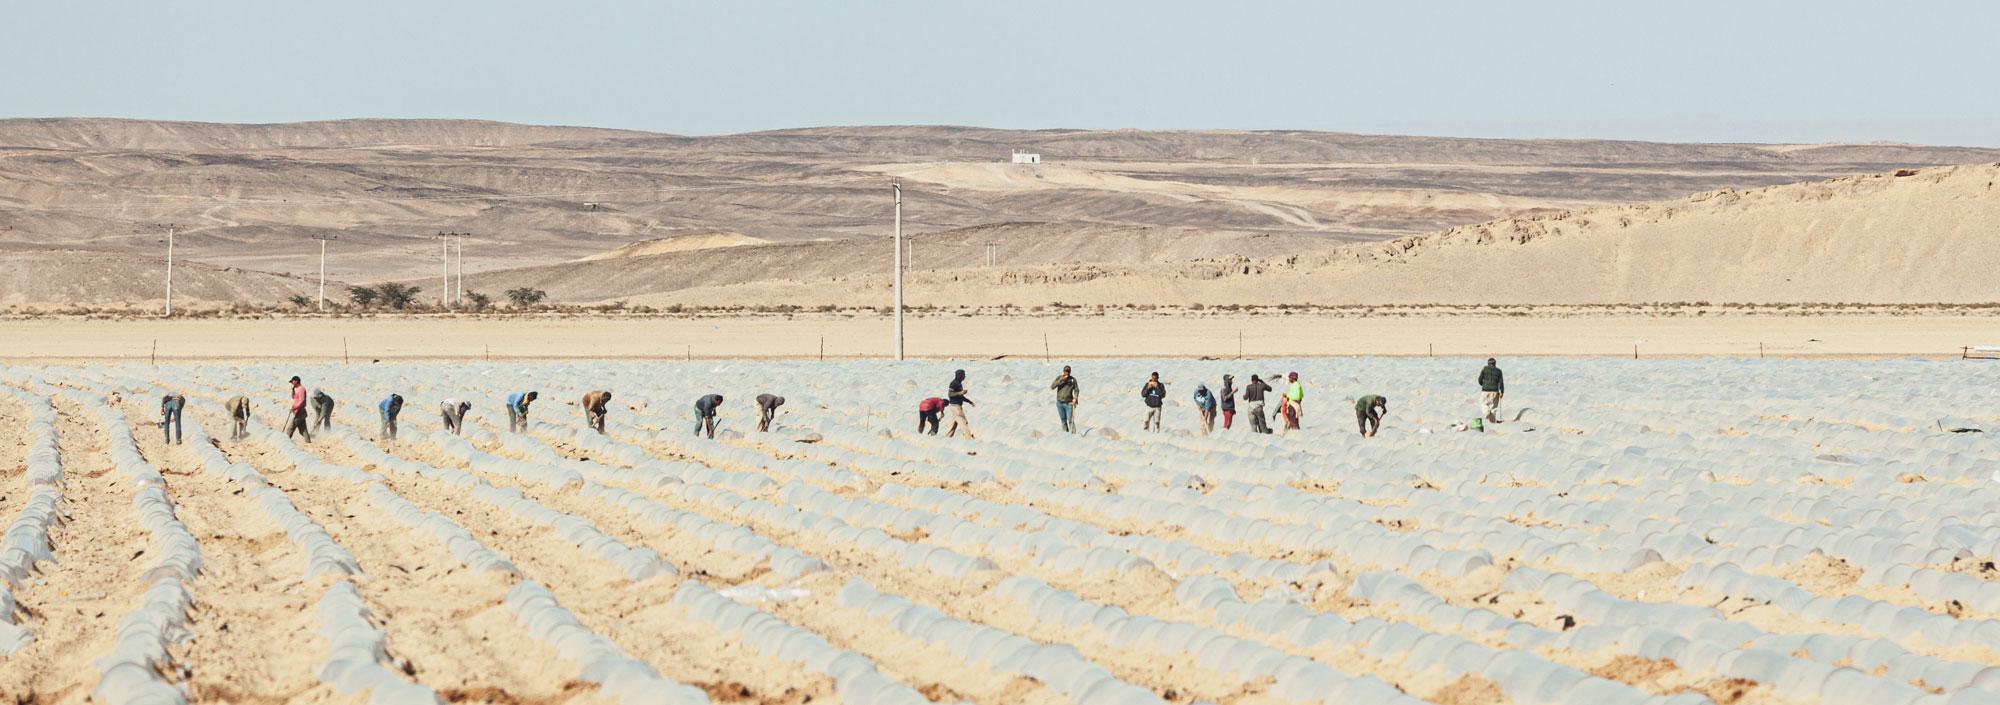 voyage en Jordanie Wadi Araba cultures